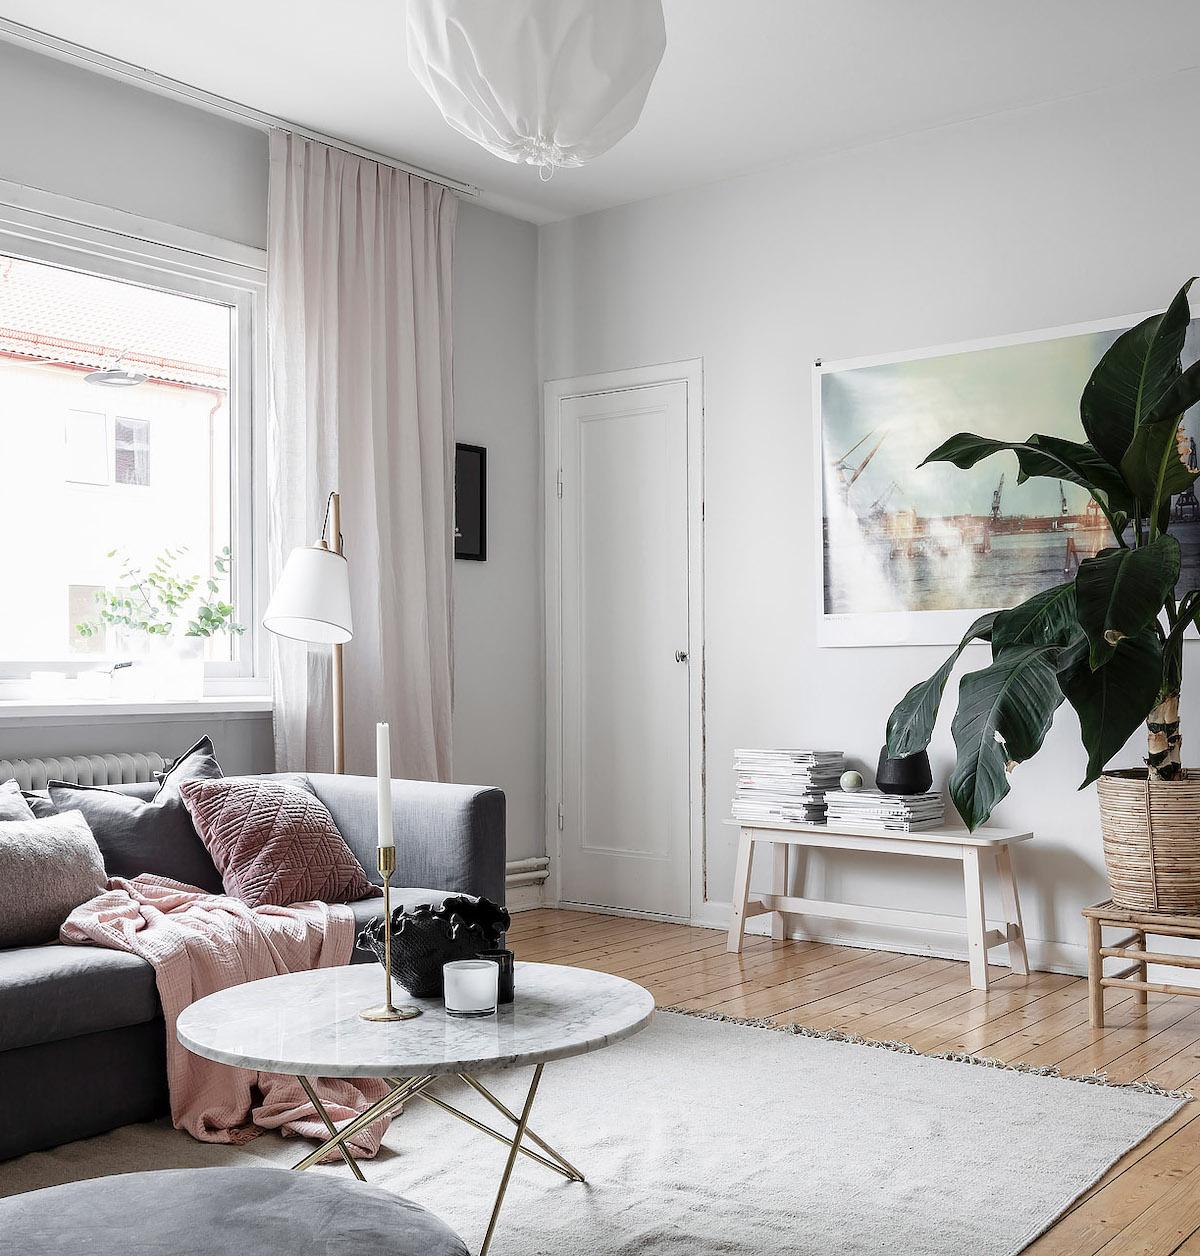 papier peint salon lumineux plaid rose canapé gris tapis lampe laiton moderne - blog déco - clem around the corner